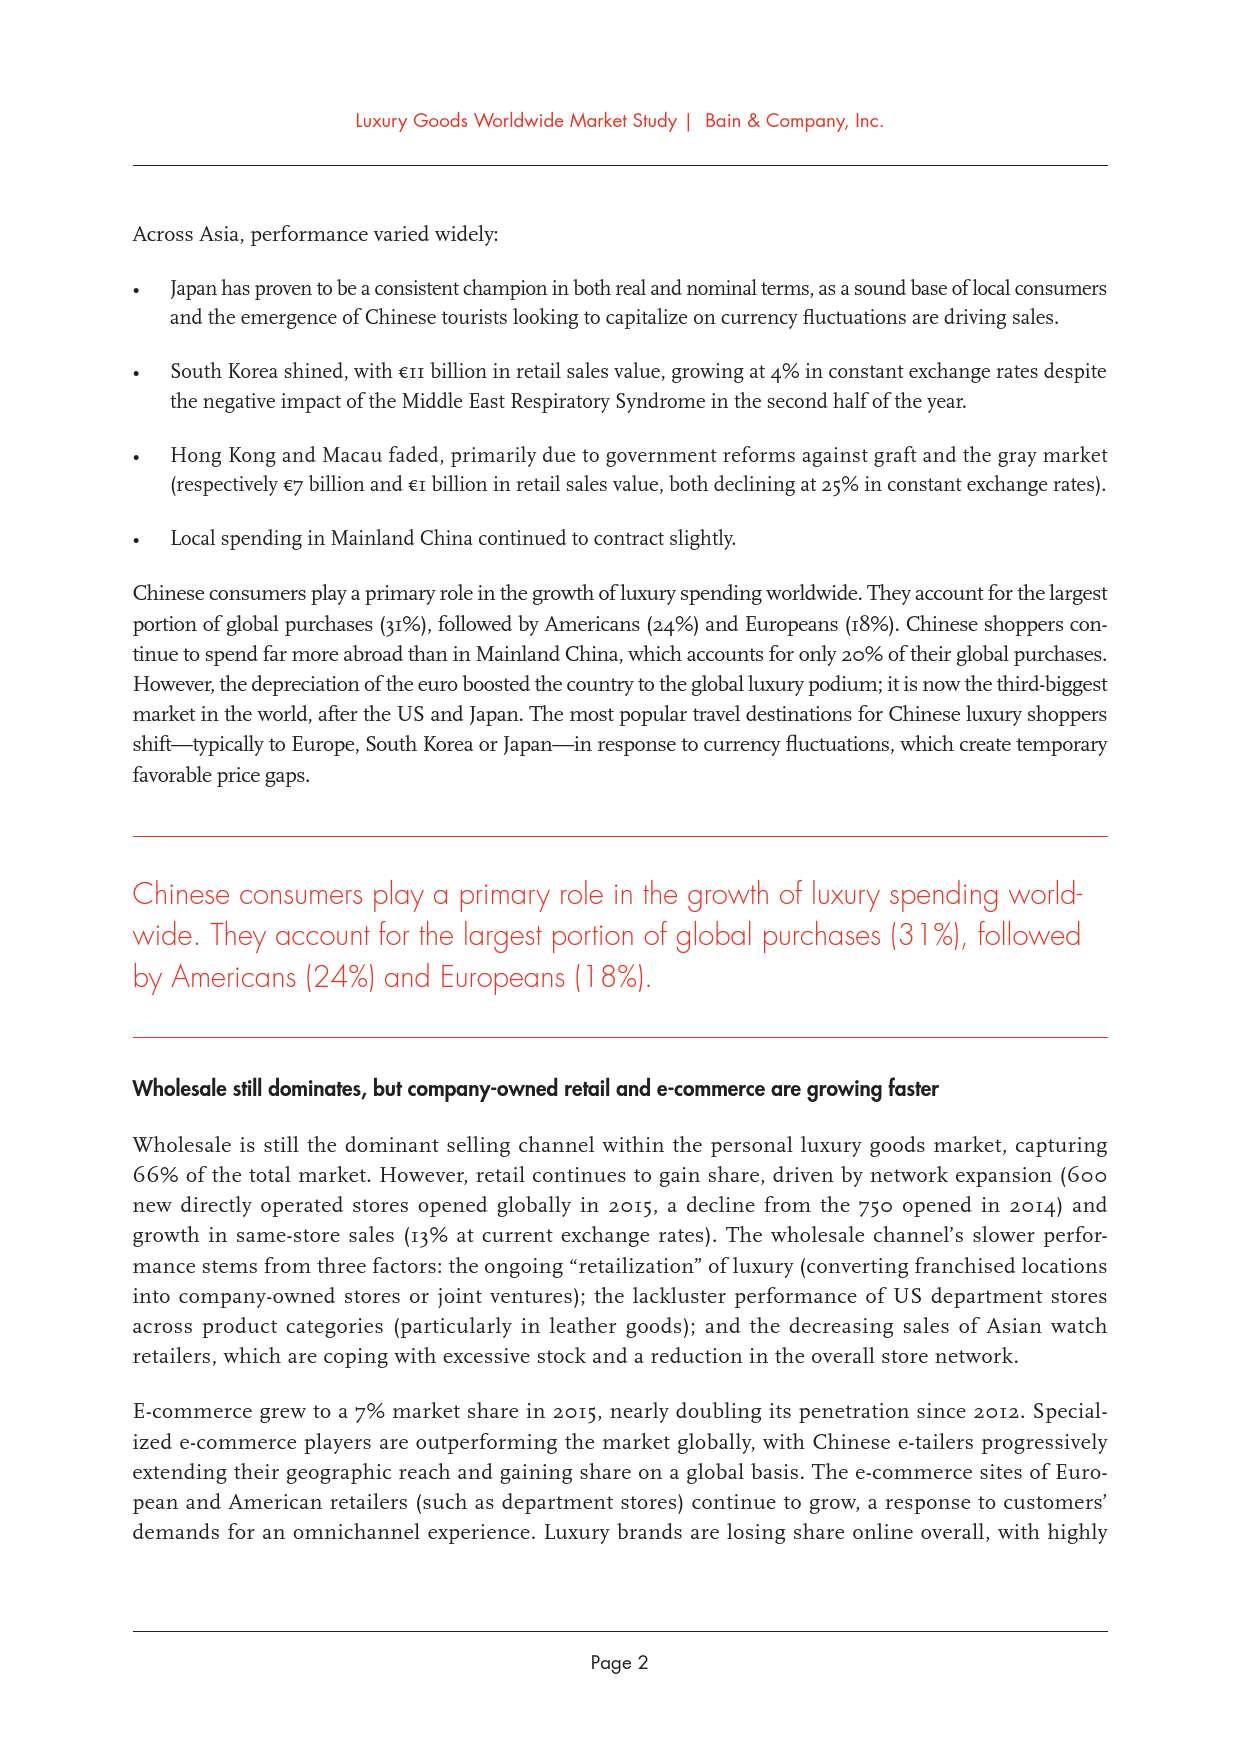 2015年全球奢侈品市场研究_000006